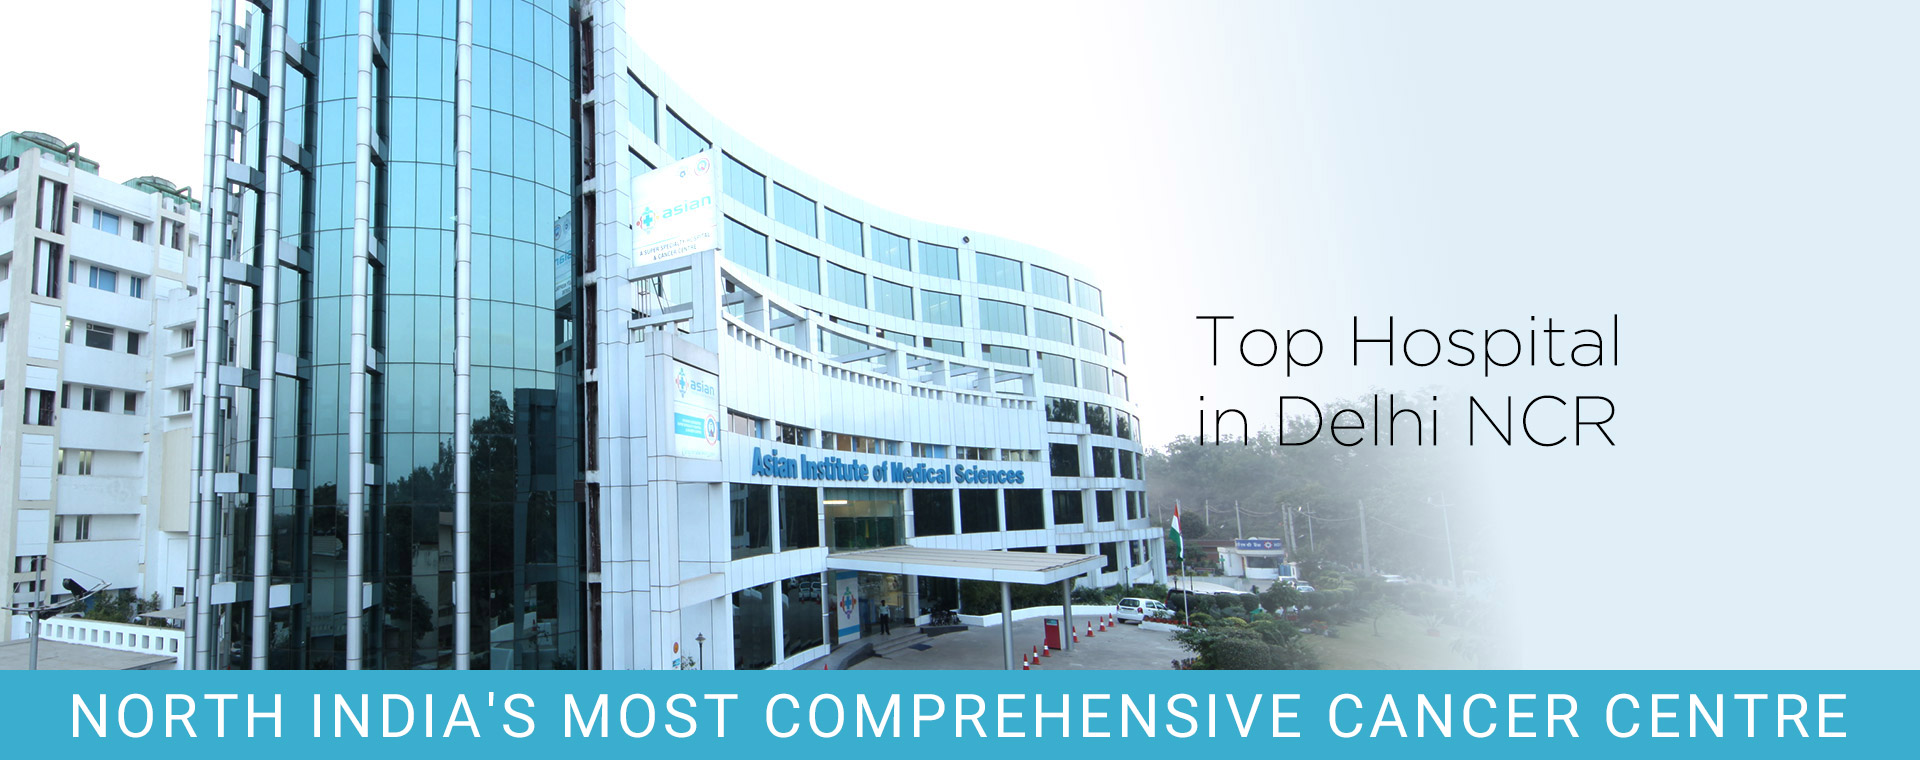 Best Hospital in Delhi/NCR